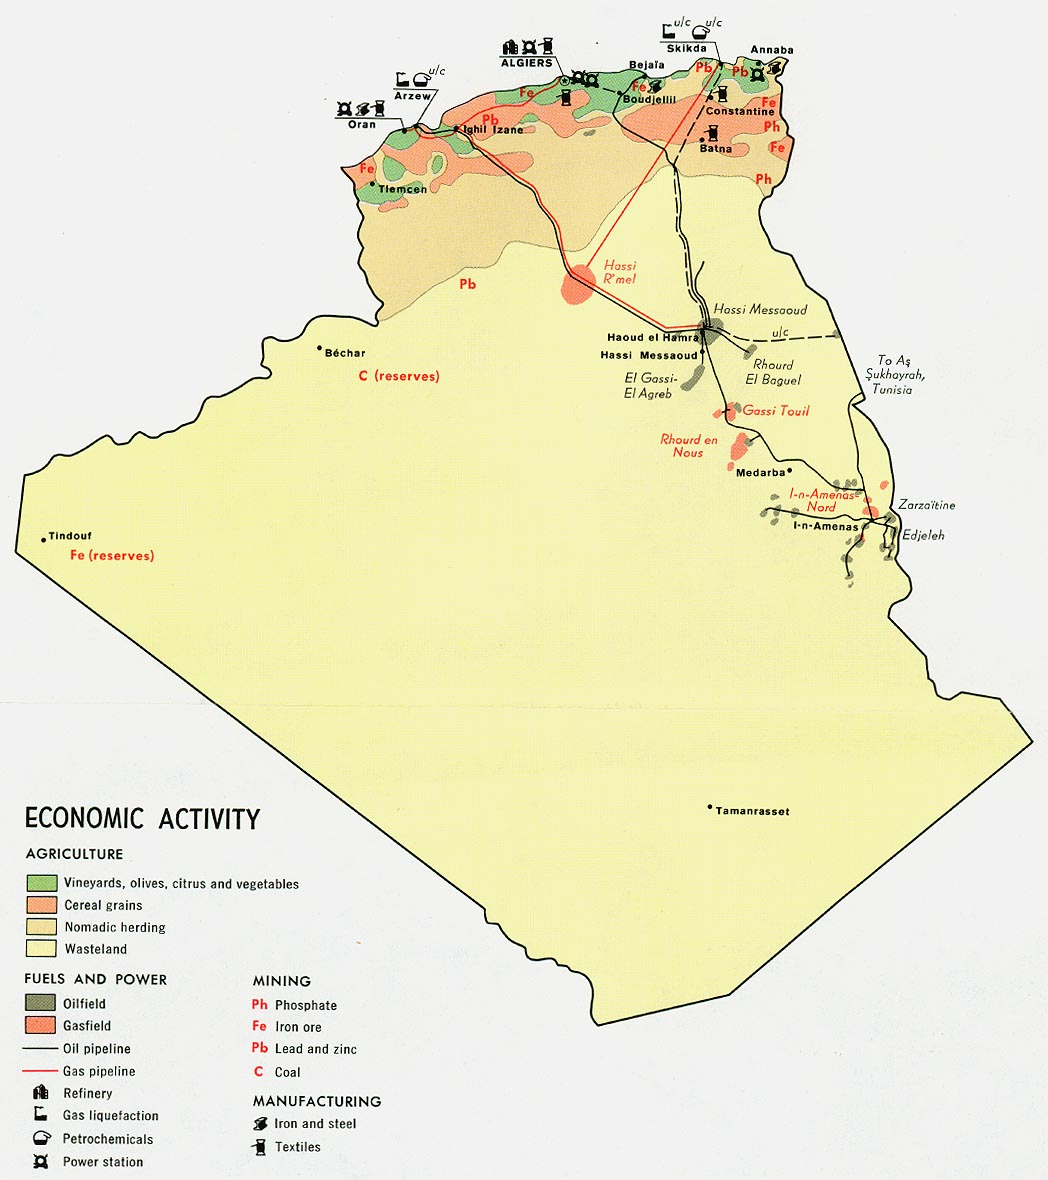 algeria economic activity from map